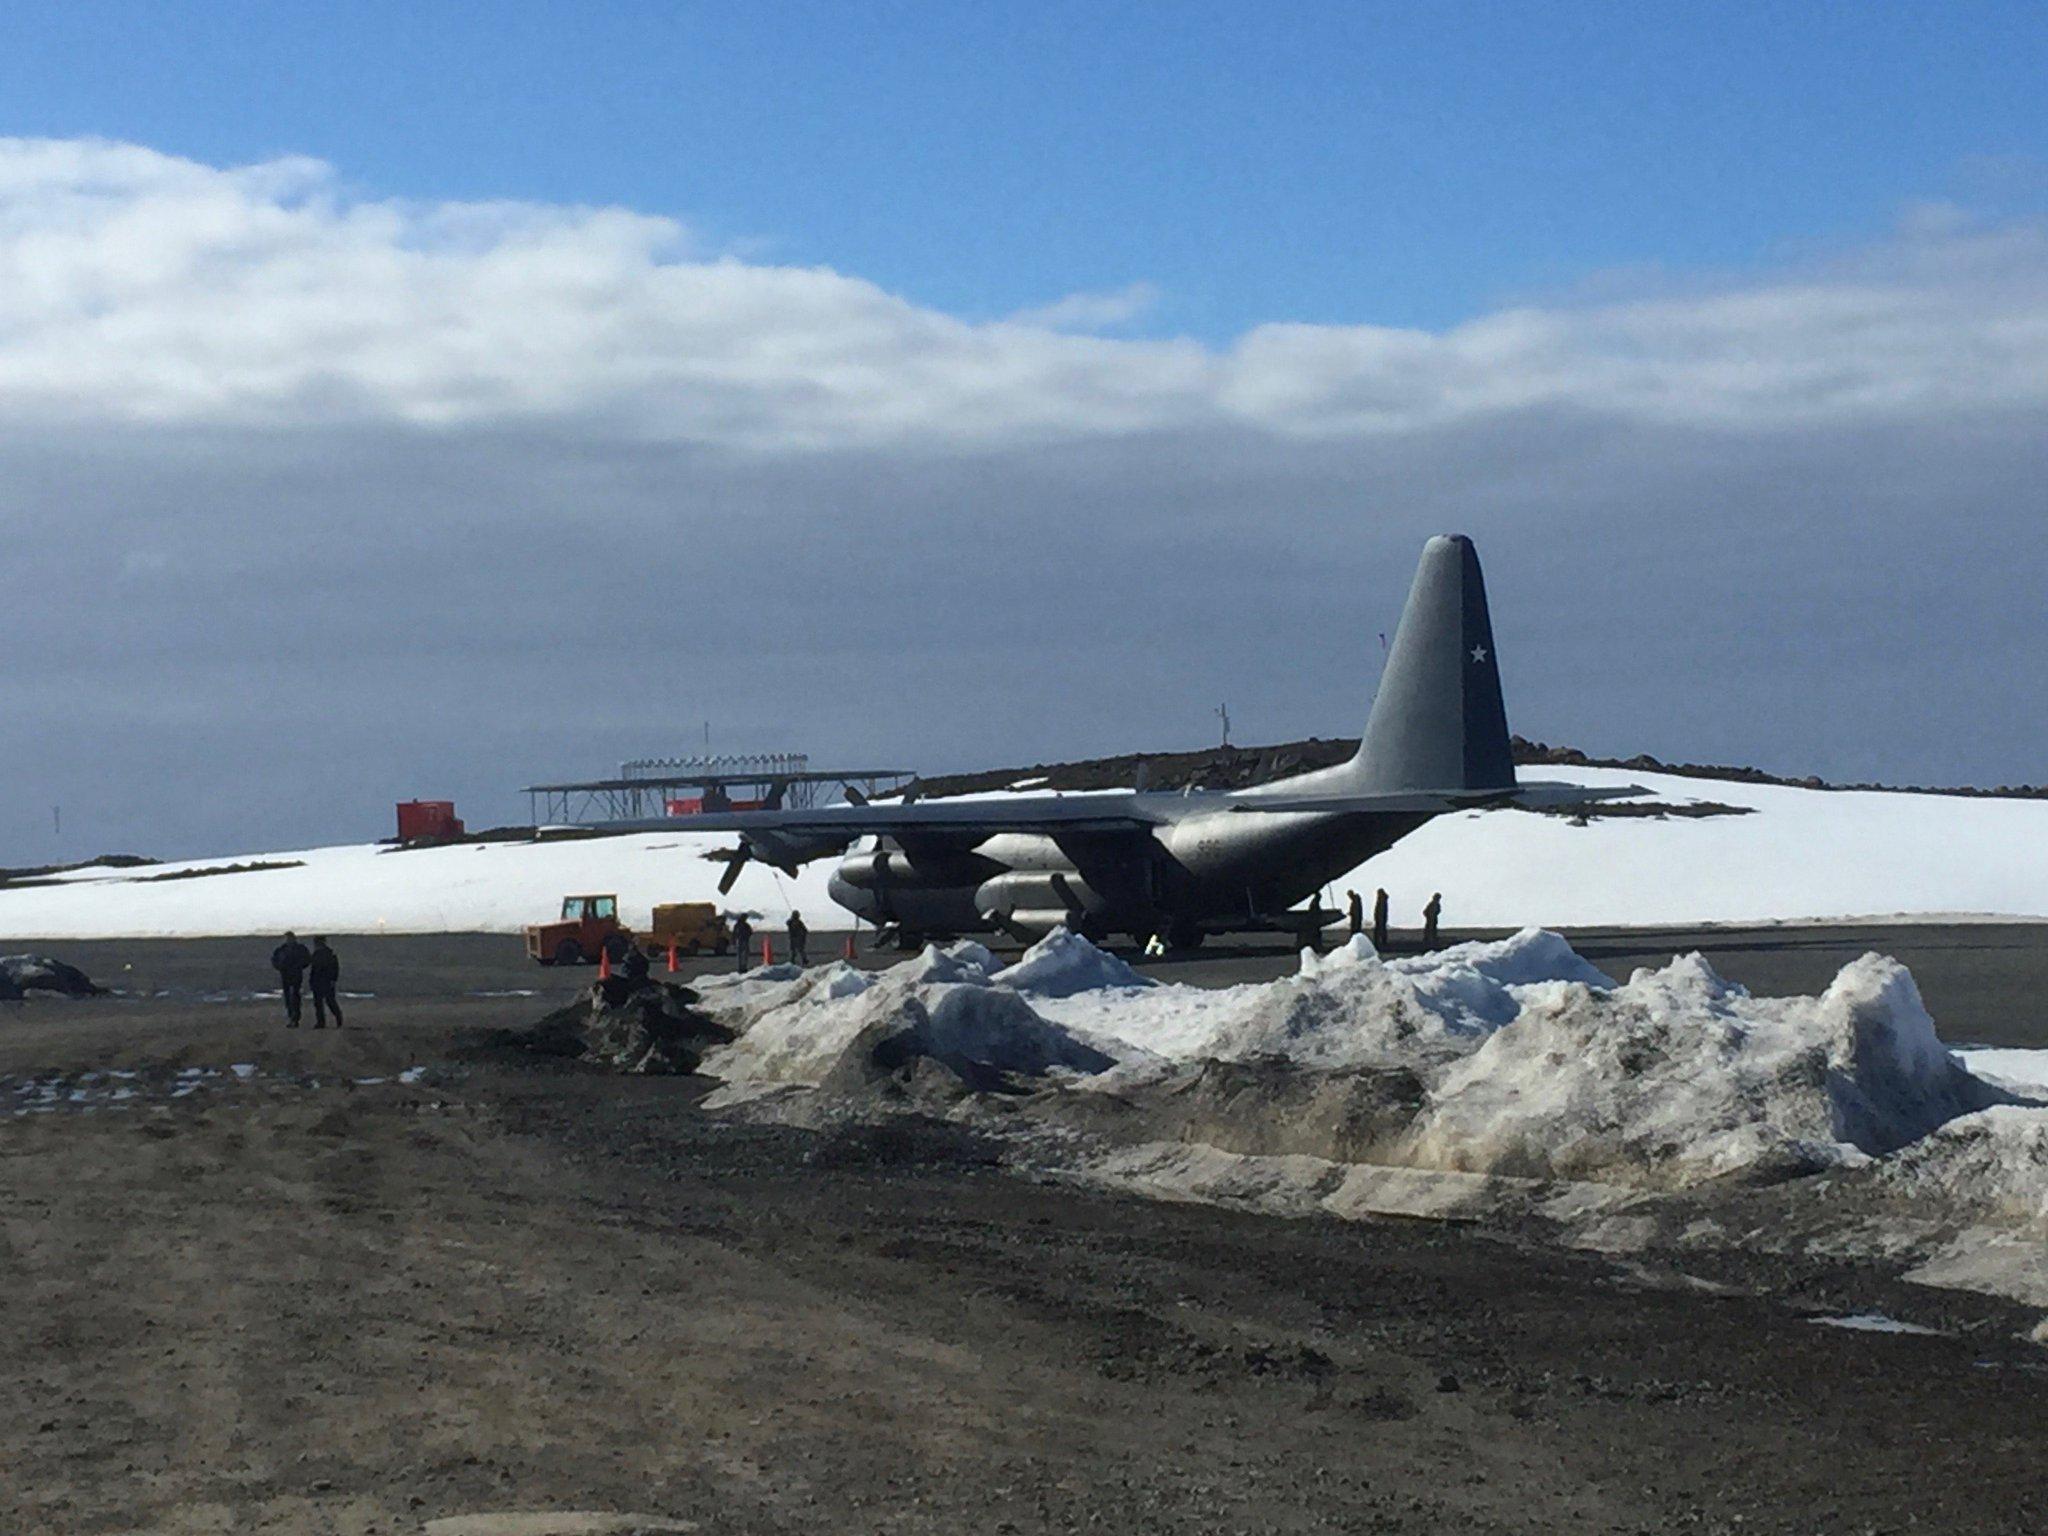 We flew to Antarctica in a loud Chilean military LC-130. Volamos a la Antárctica en un LC-130 ruidoso que pertenece al ejército Chileno. https://t.co/9TmhsmNn0y